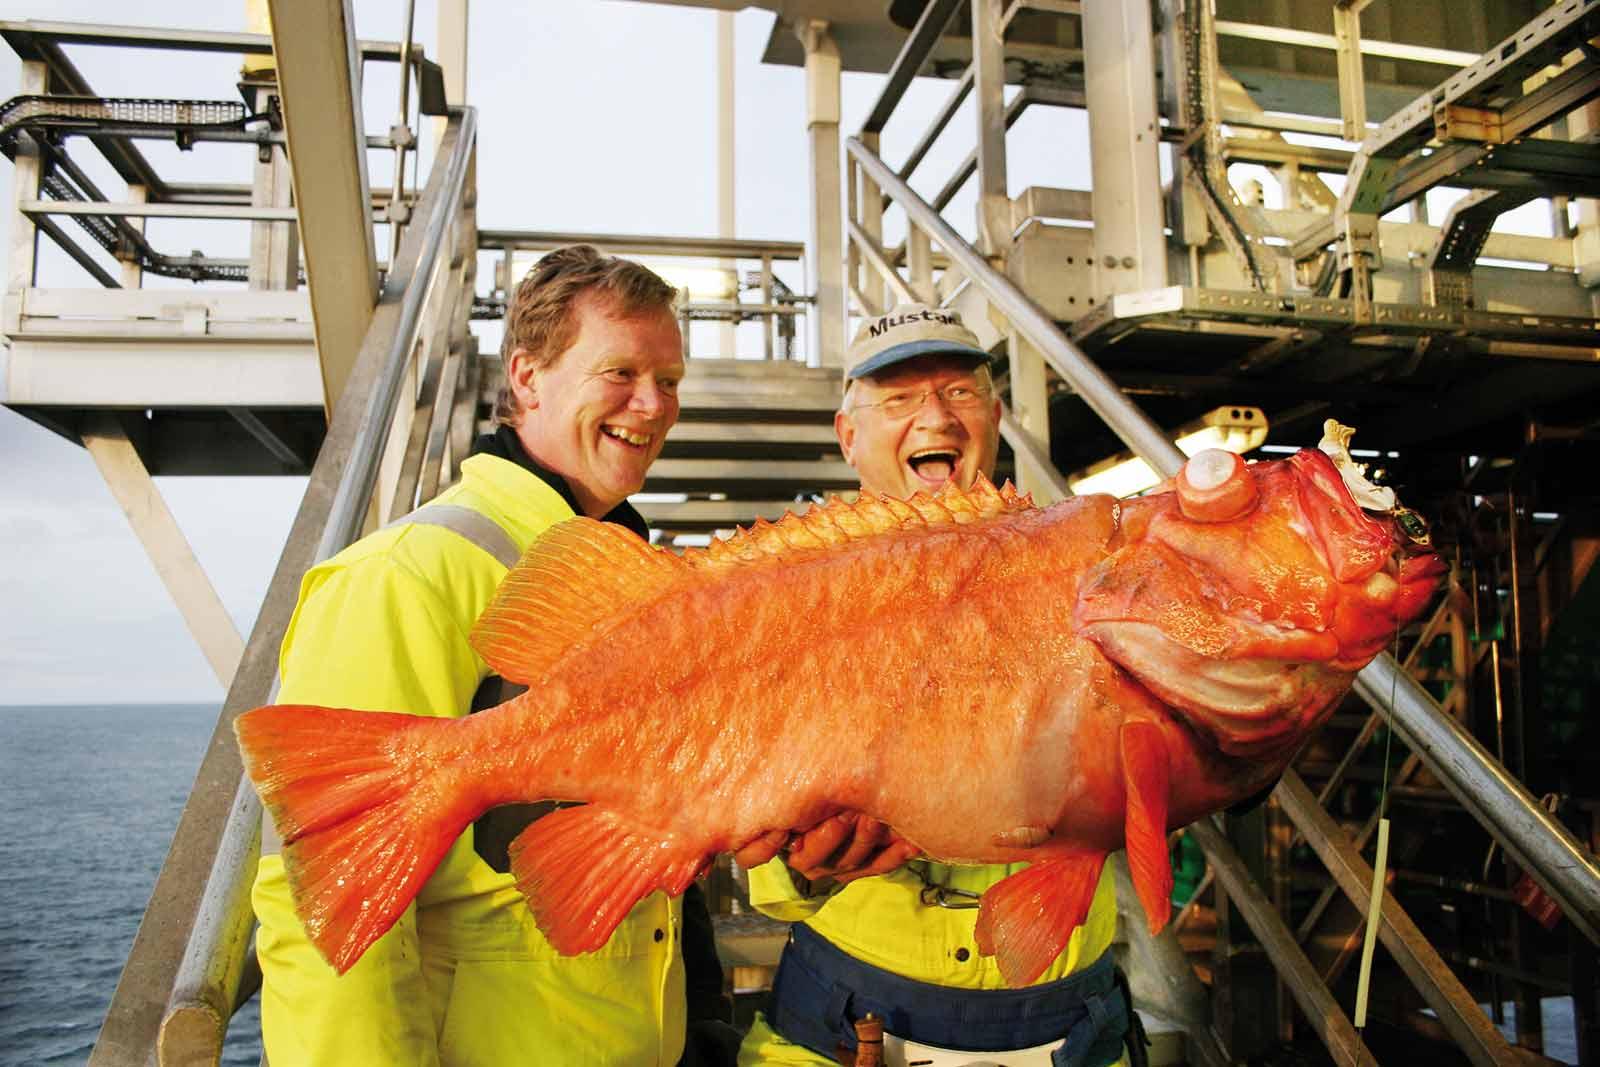 Halløj på boreplatformen - ekstreme rødfisk!